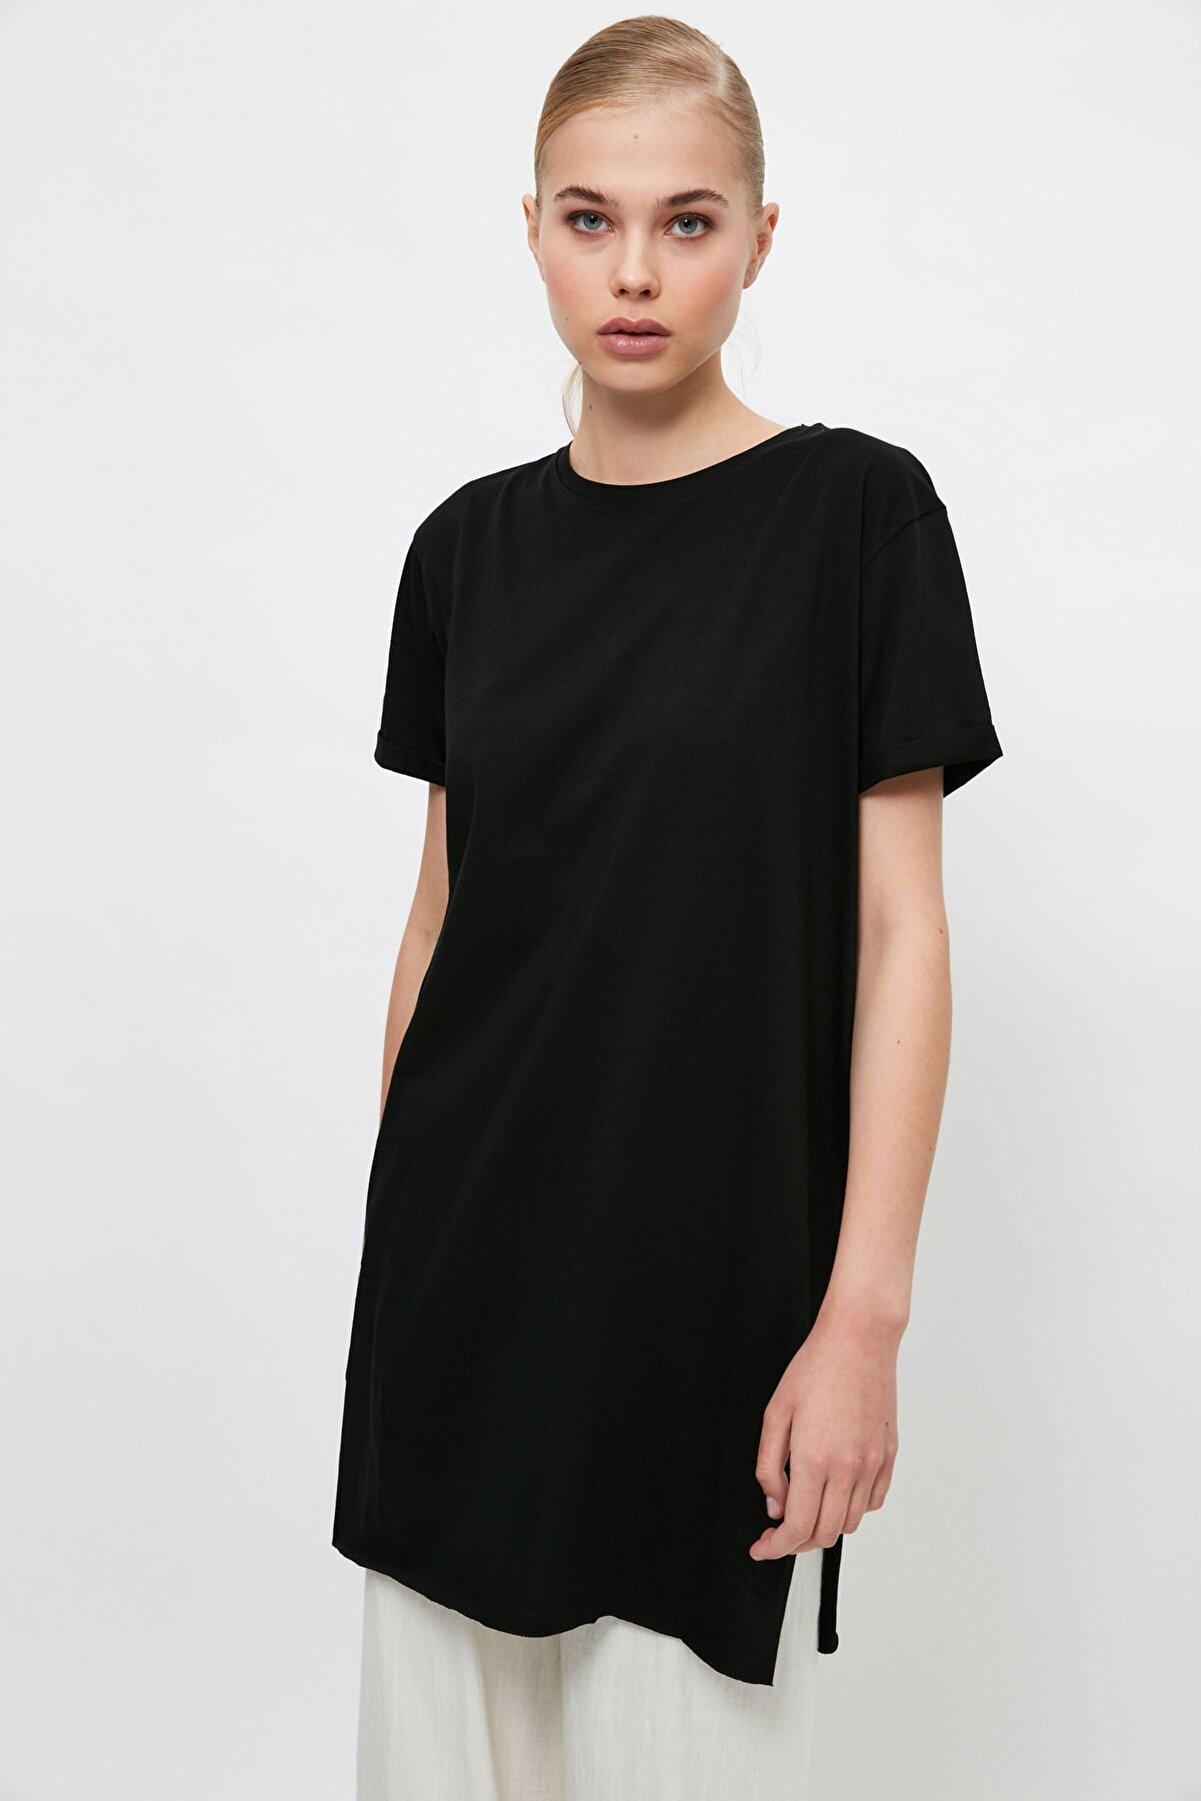 TRENDYOL MODEST Siyah Basic Kısa kollu Yırtmaçlı Süprem Tesettür T-Shirt TCTSS21TN0056